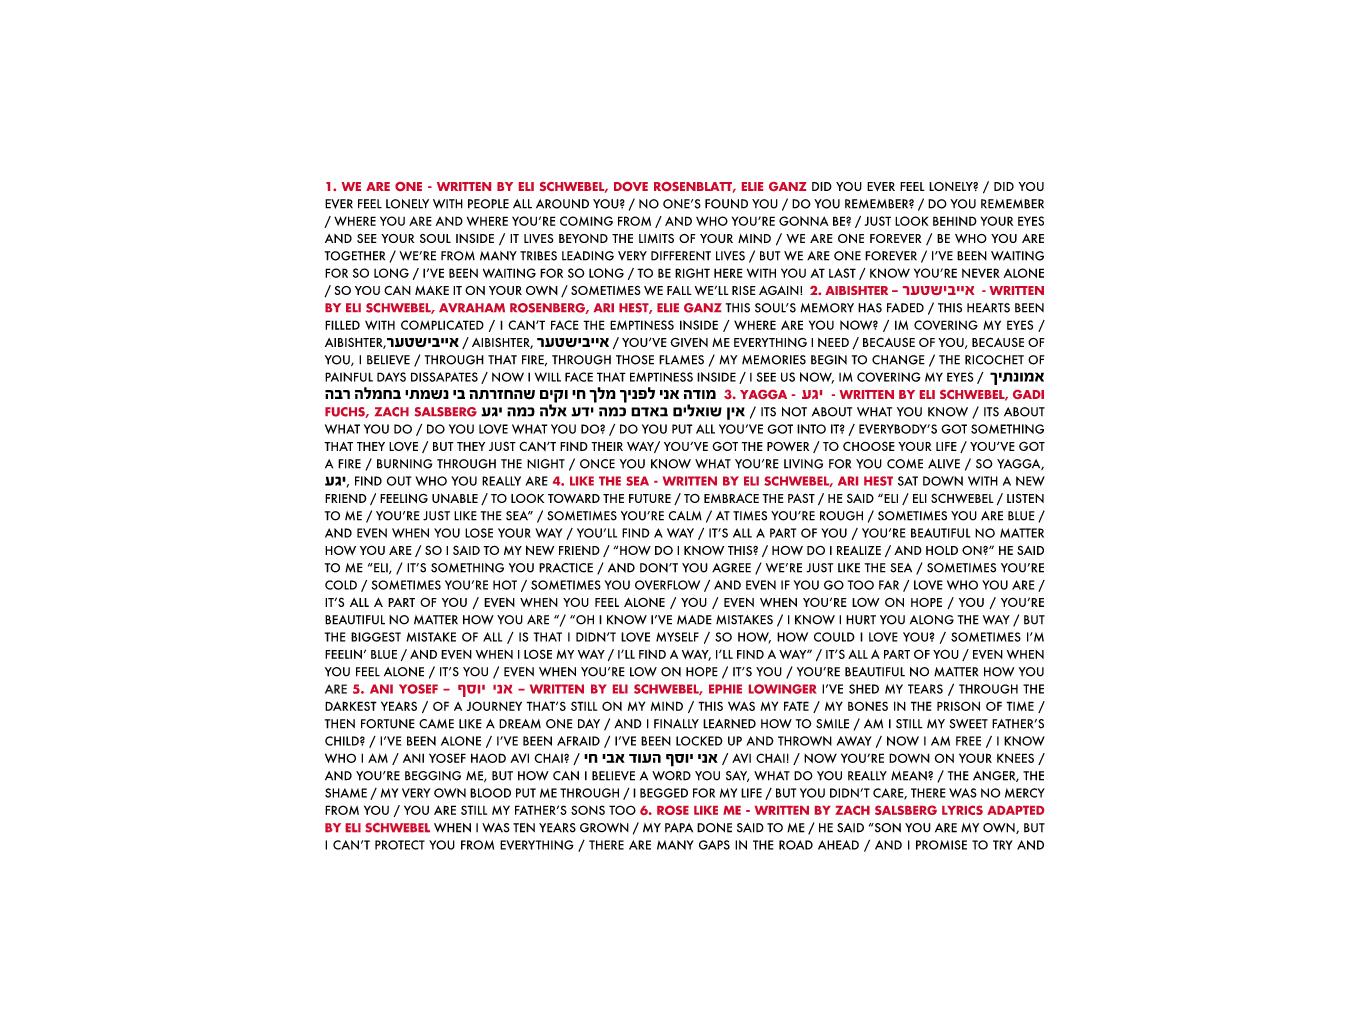 album_lyrics1 copy.jpg